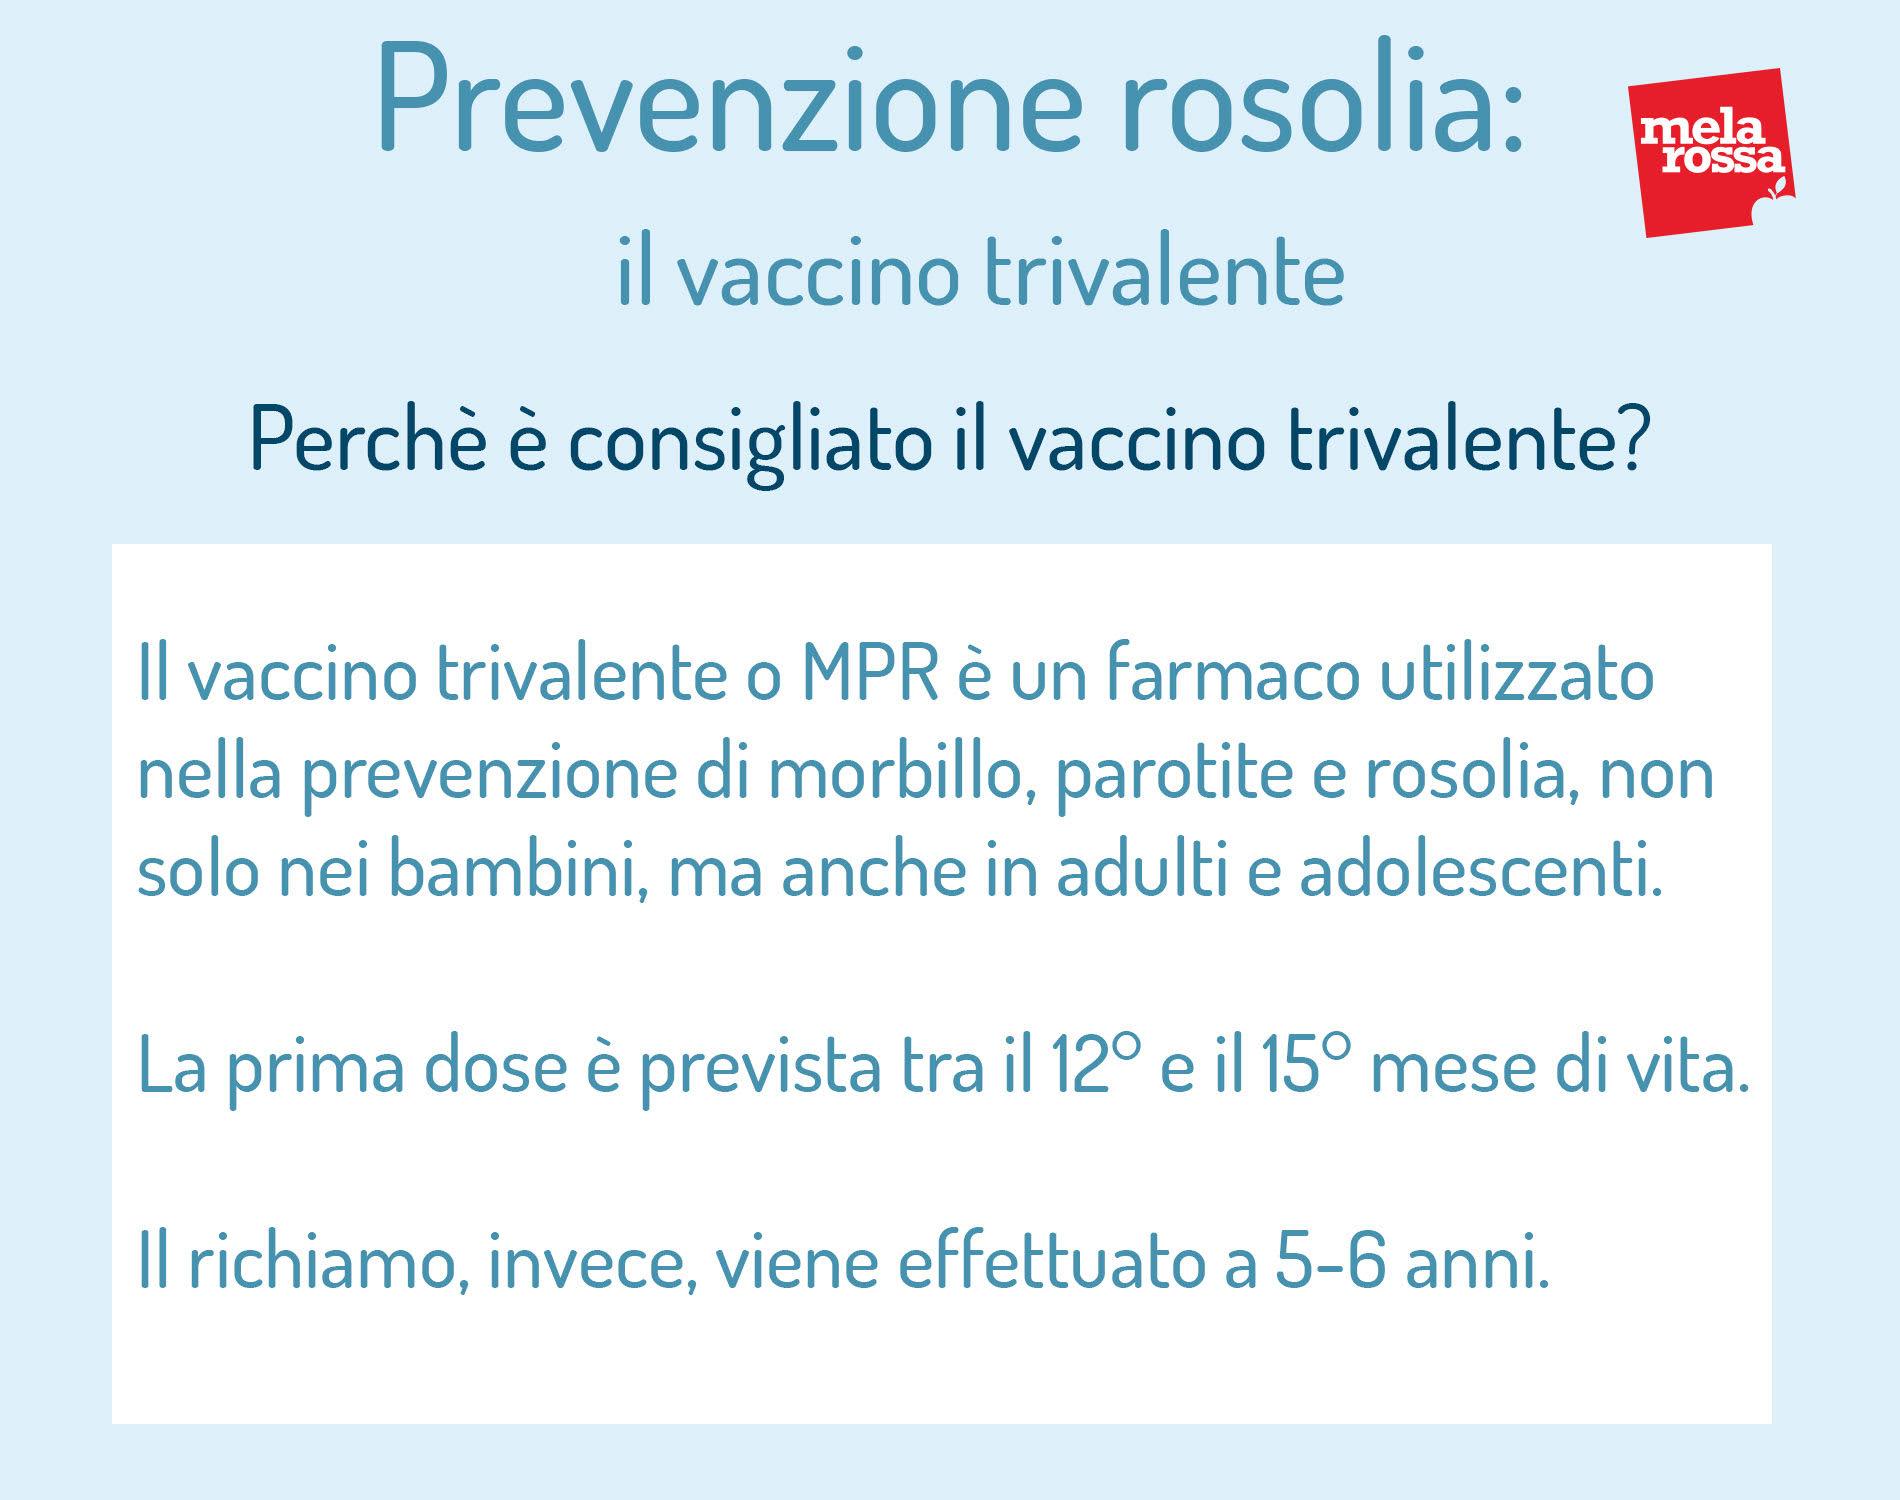 rosolia: prevenzione, perché è consigliato fare il vaccino trivalente e quando farlo